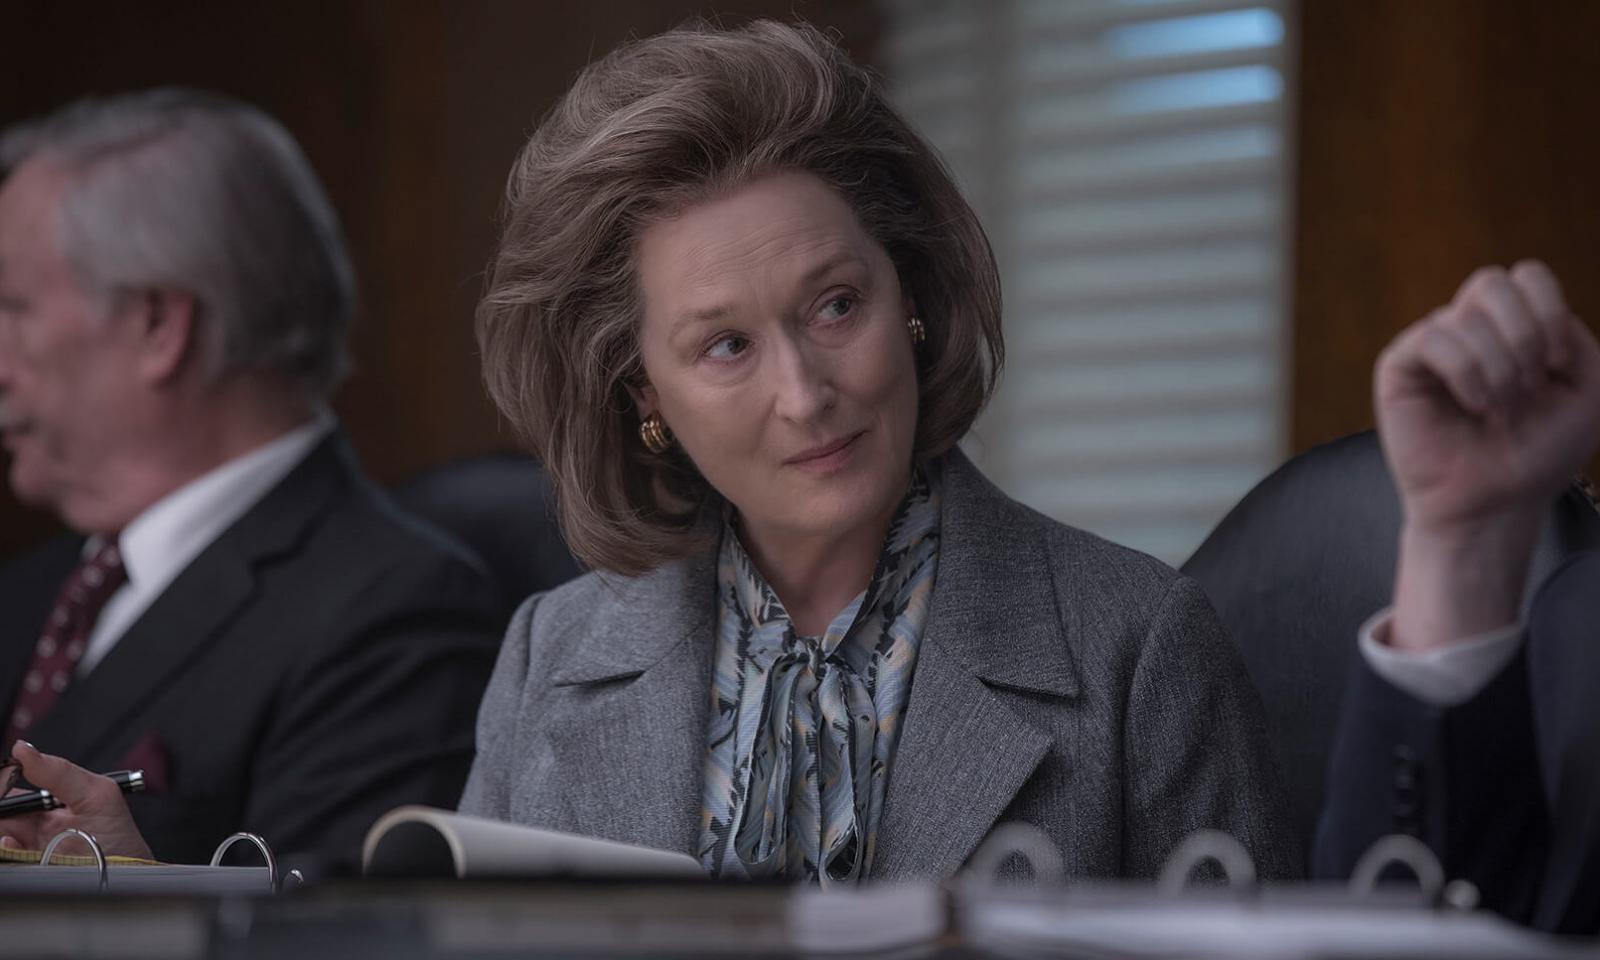 Meryl_Streep_Movies